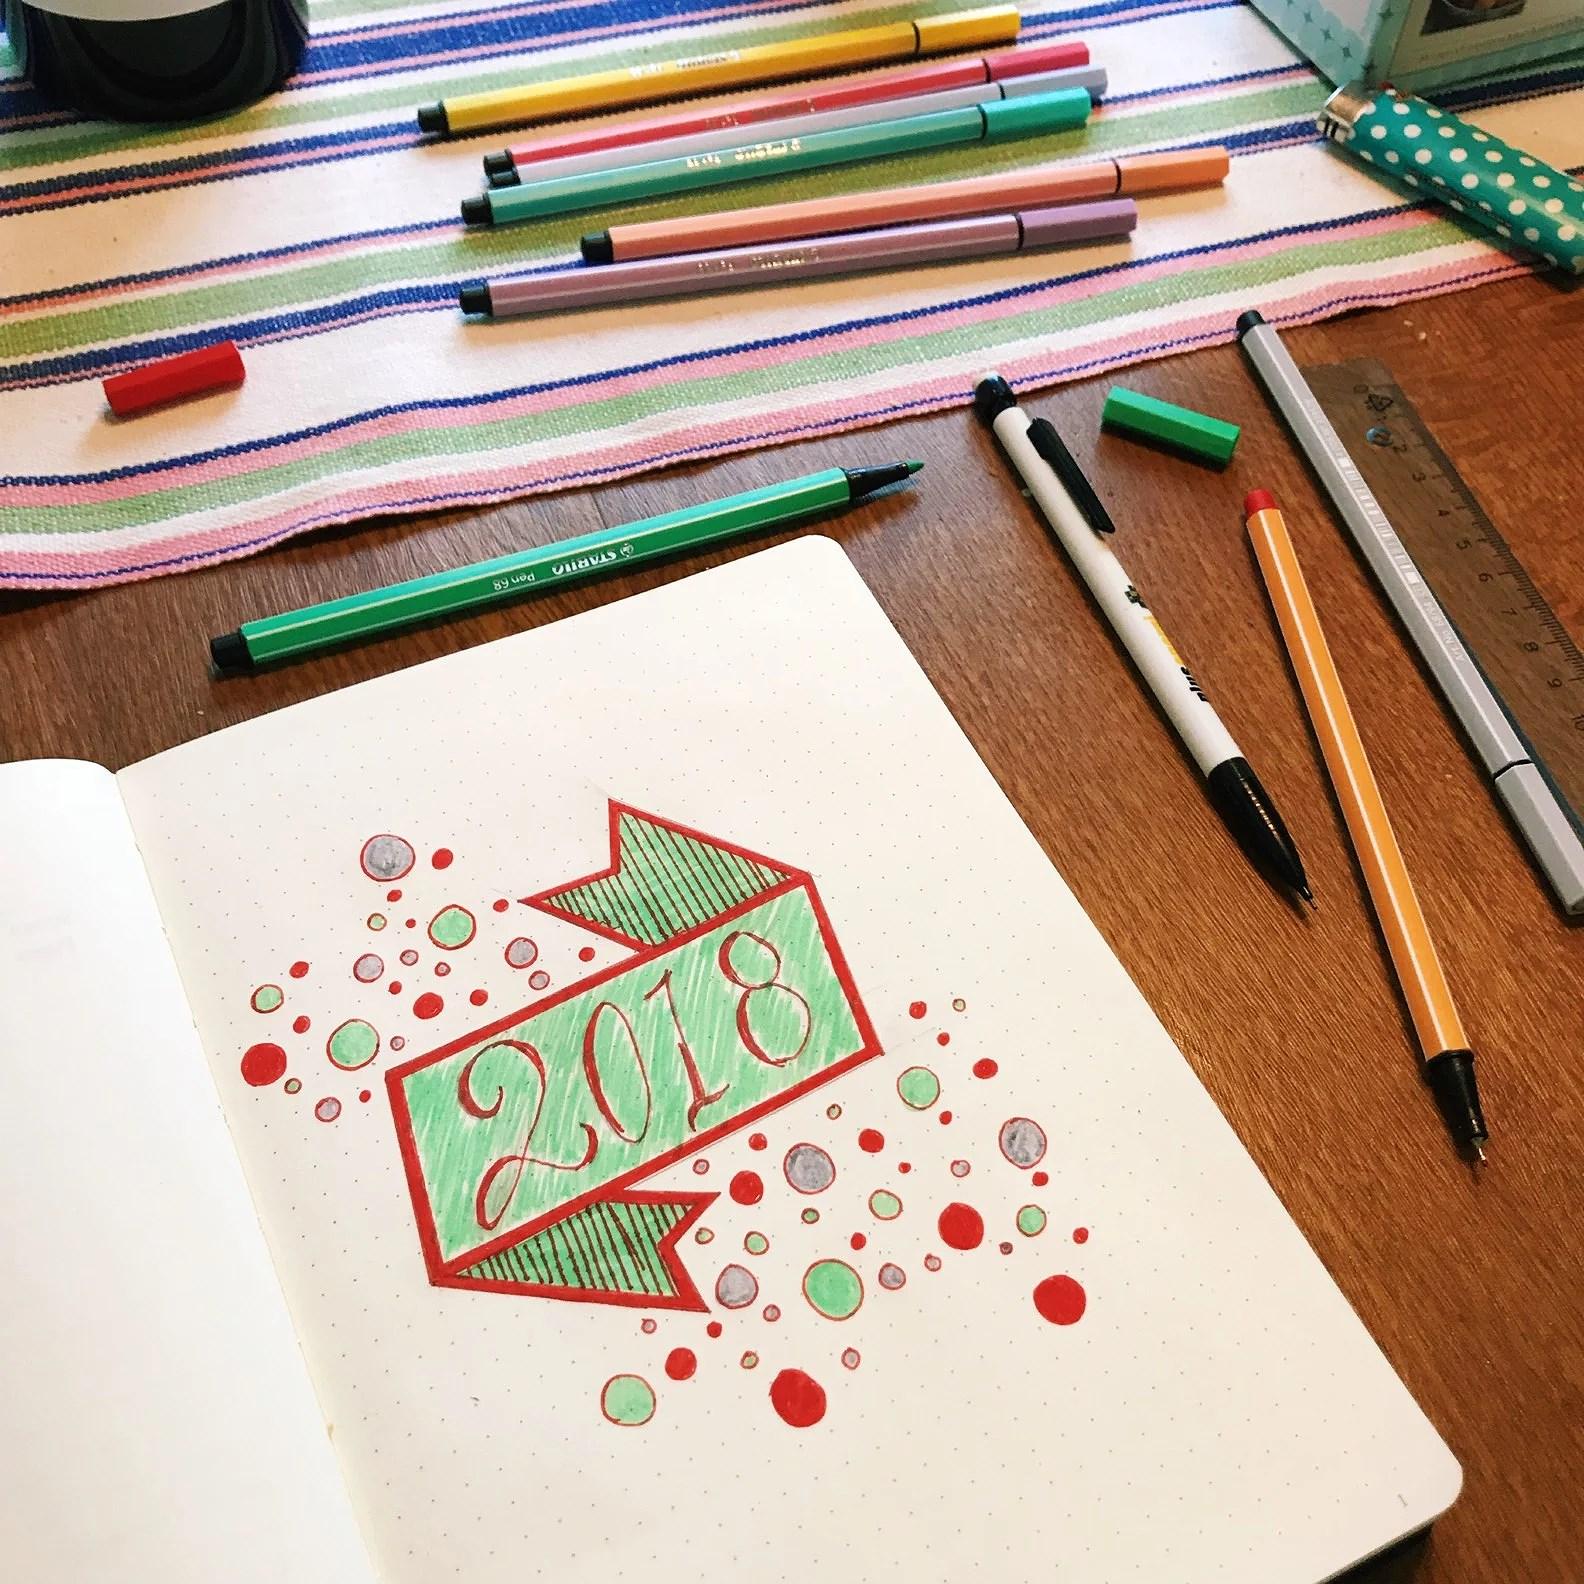 Börjat på min Bullet Journal!